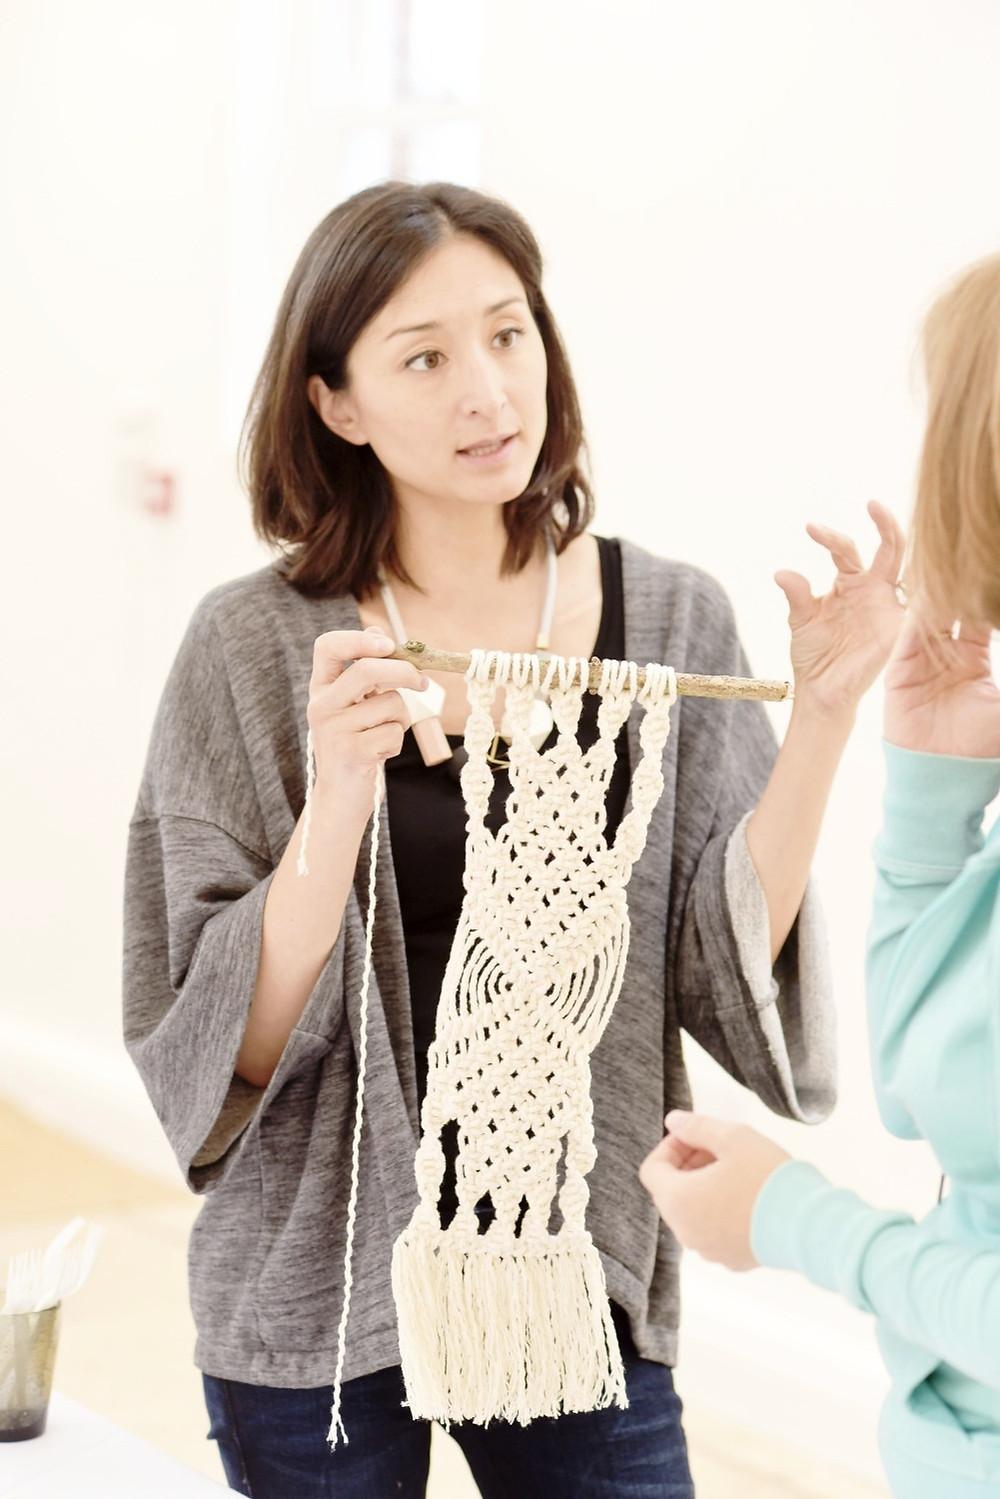 Isabella Strambio teaching macrame